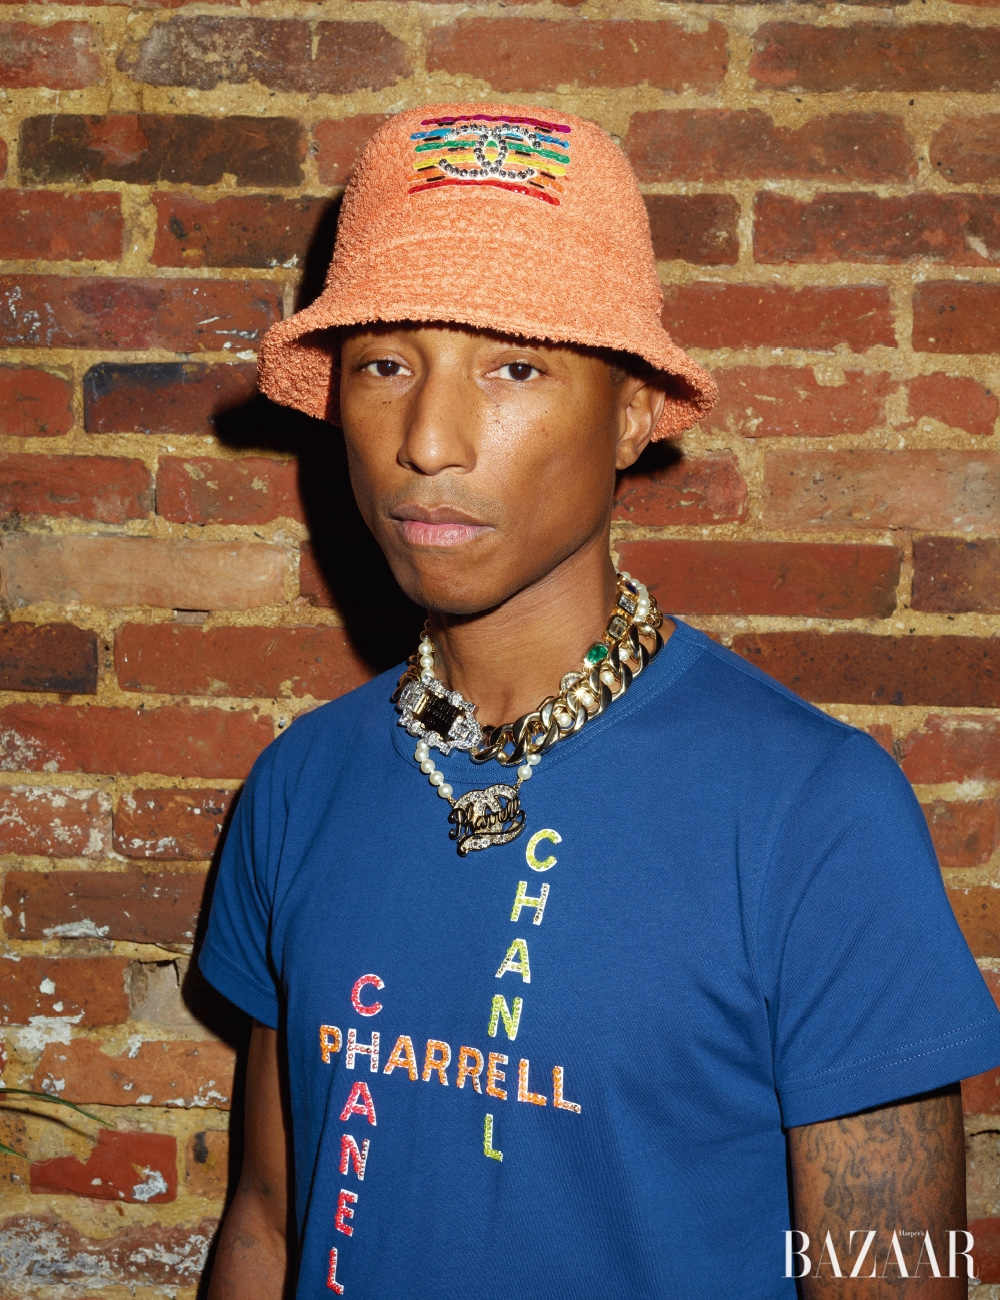 티셔츠, 버킷 햇, 레이어드한 목걸이는 모두 CHANEL-Pharrell Capsule Collection.